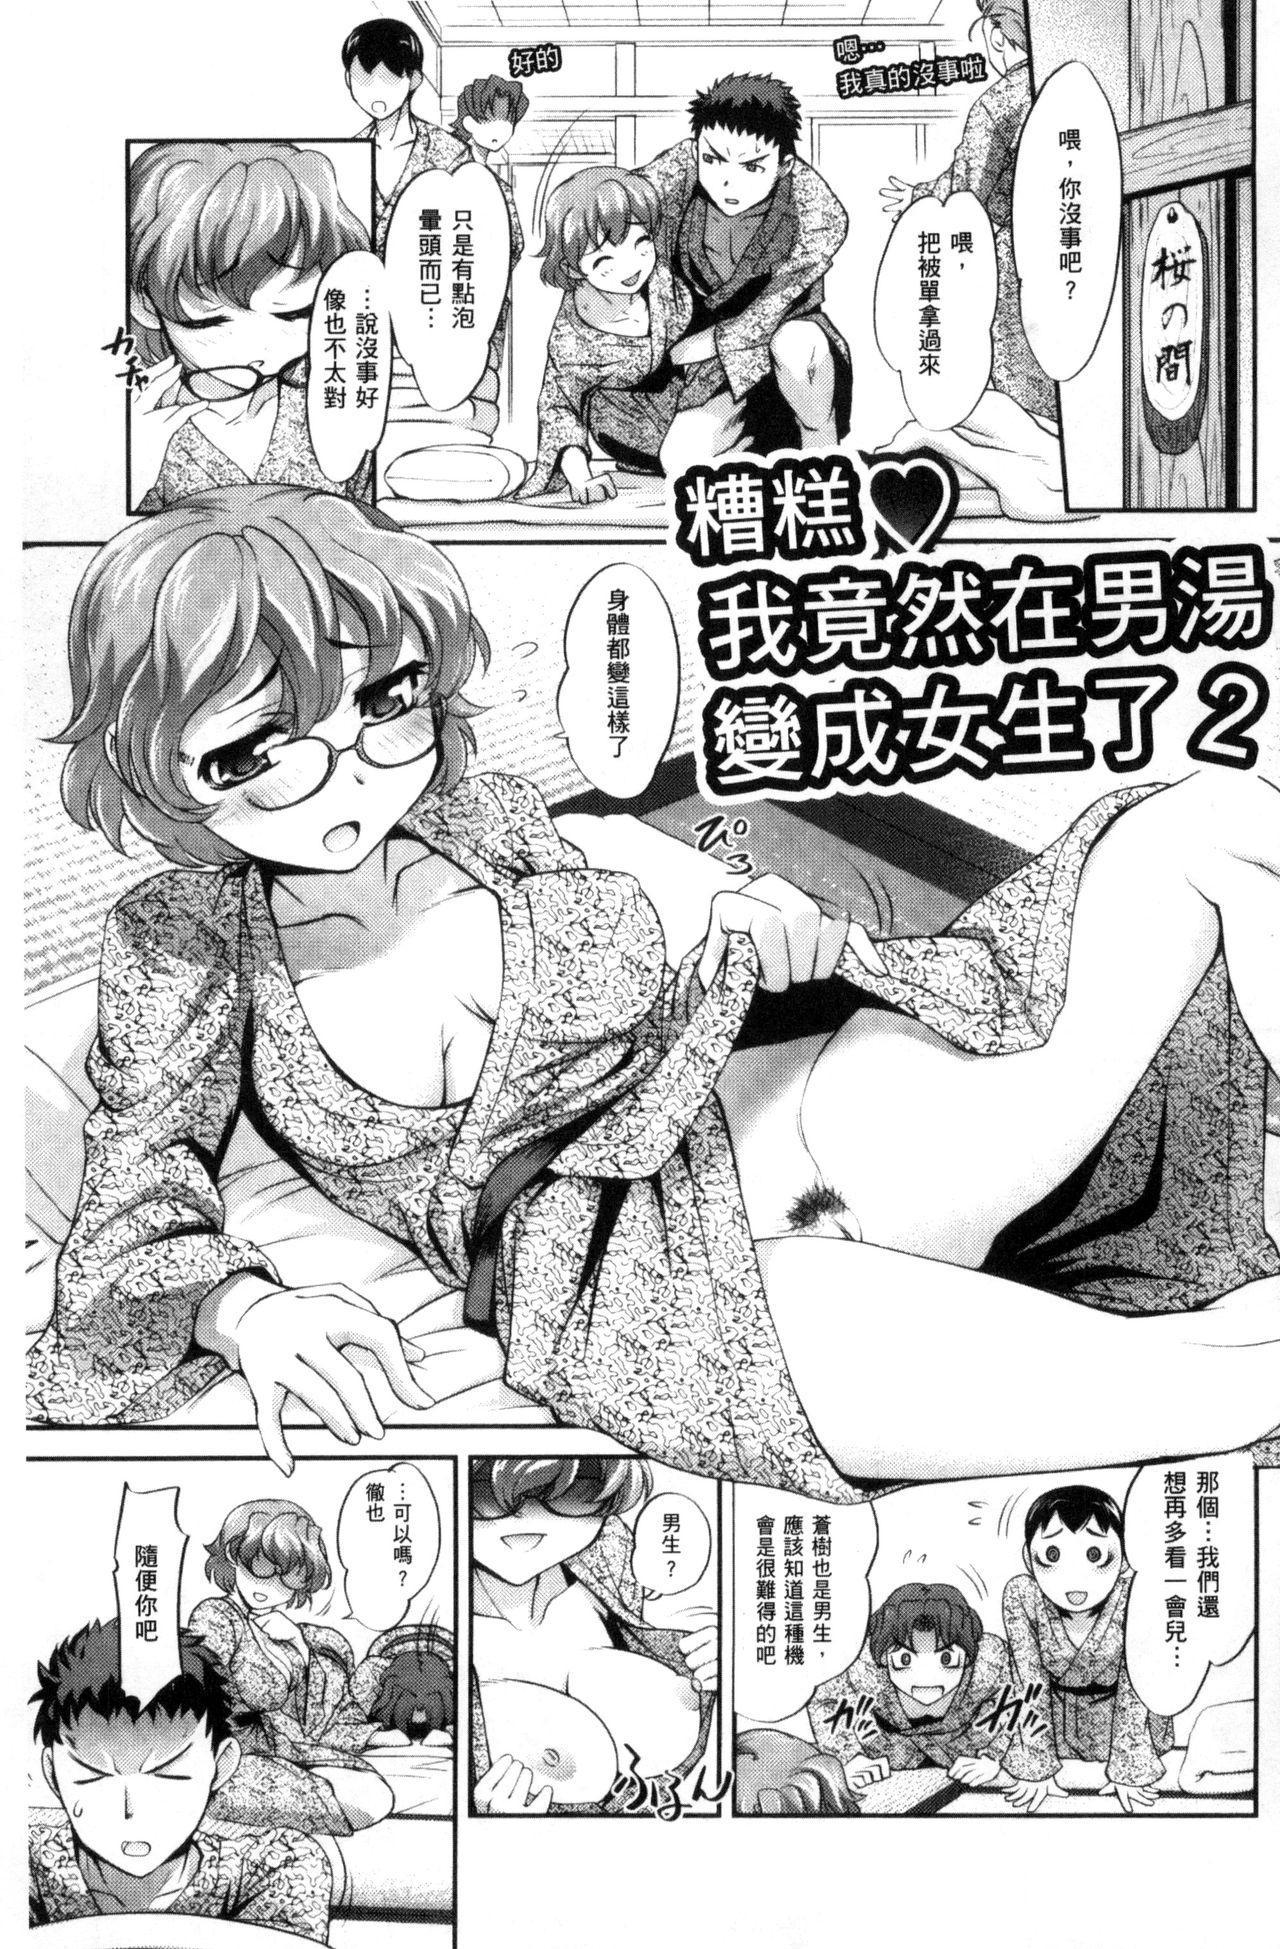 Nyotaika Ouji to Okotasare Hime 21